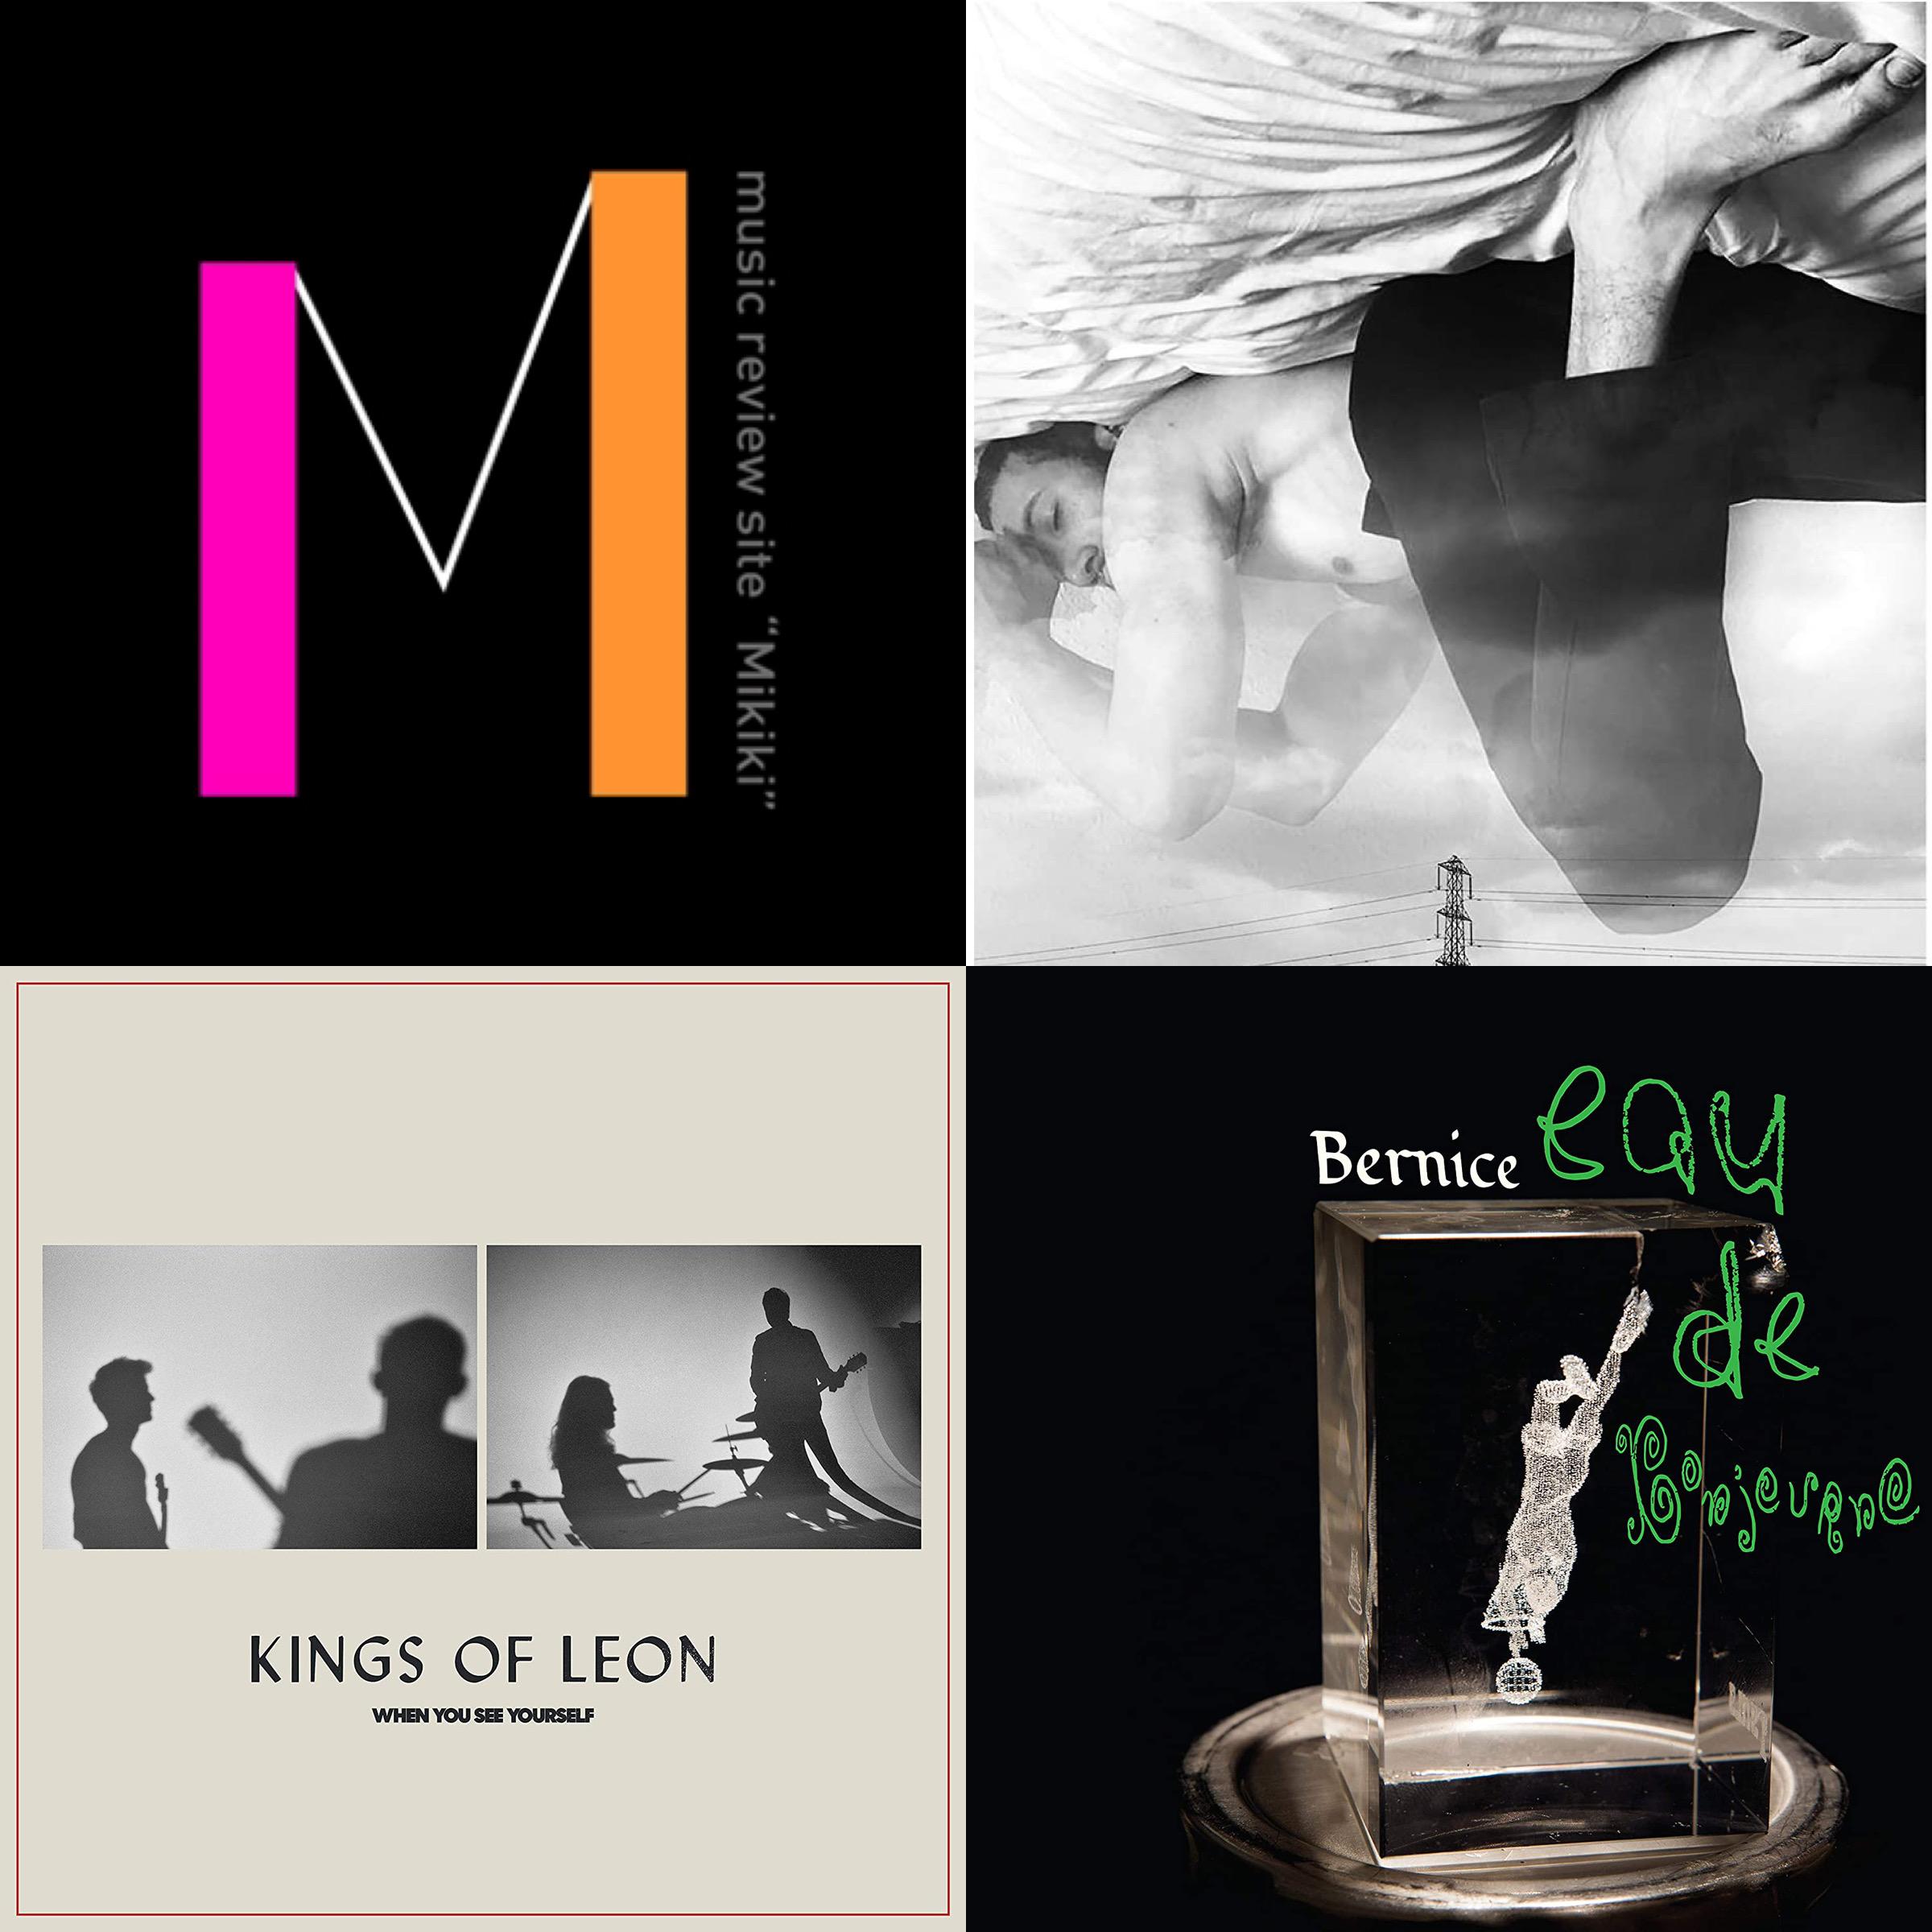 キングス・オブ・レオン(Kings Of Leon)やヴィジョニスト(Visionist)など今週リリースのMikiki推し洋楽アルバム7選!